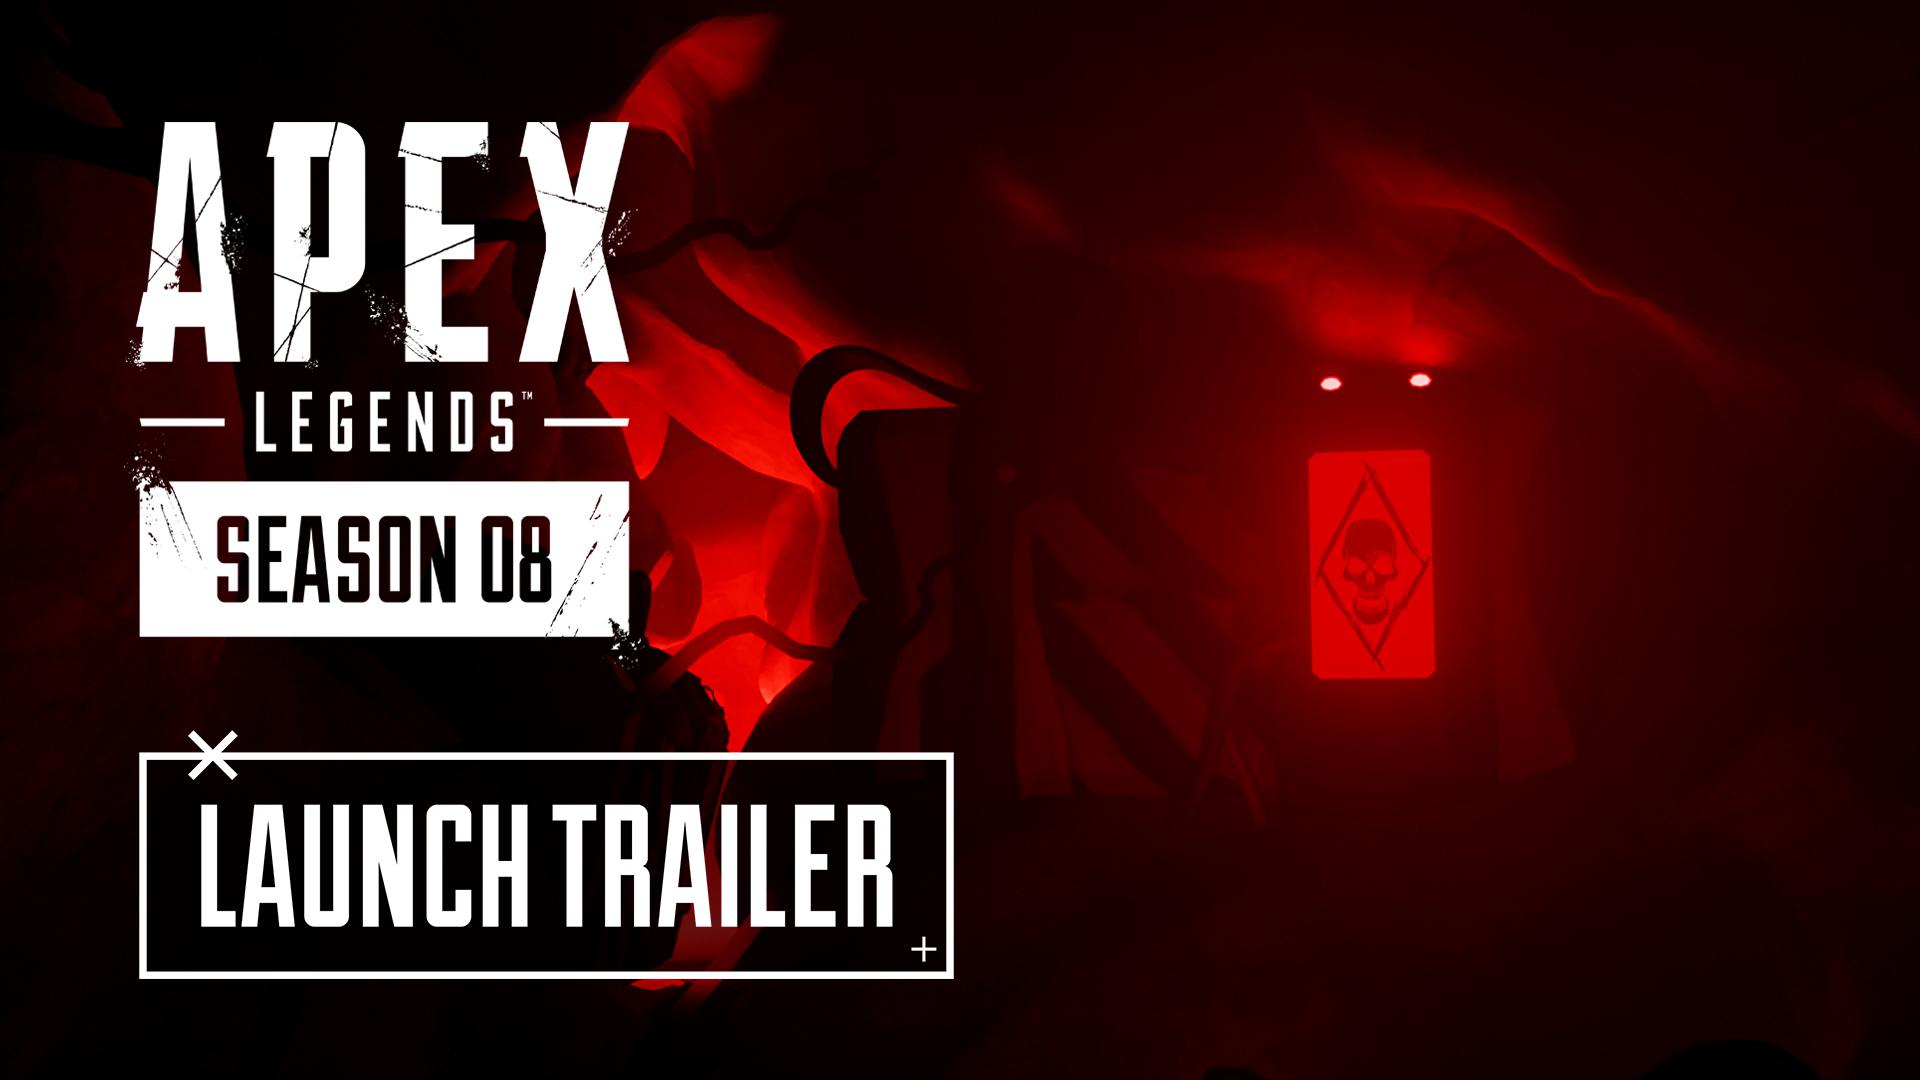 Nuevo trailer de la Temporada 8 de Apex